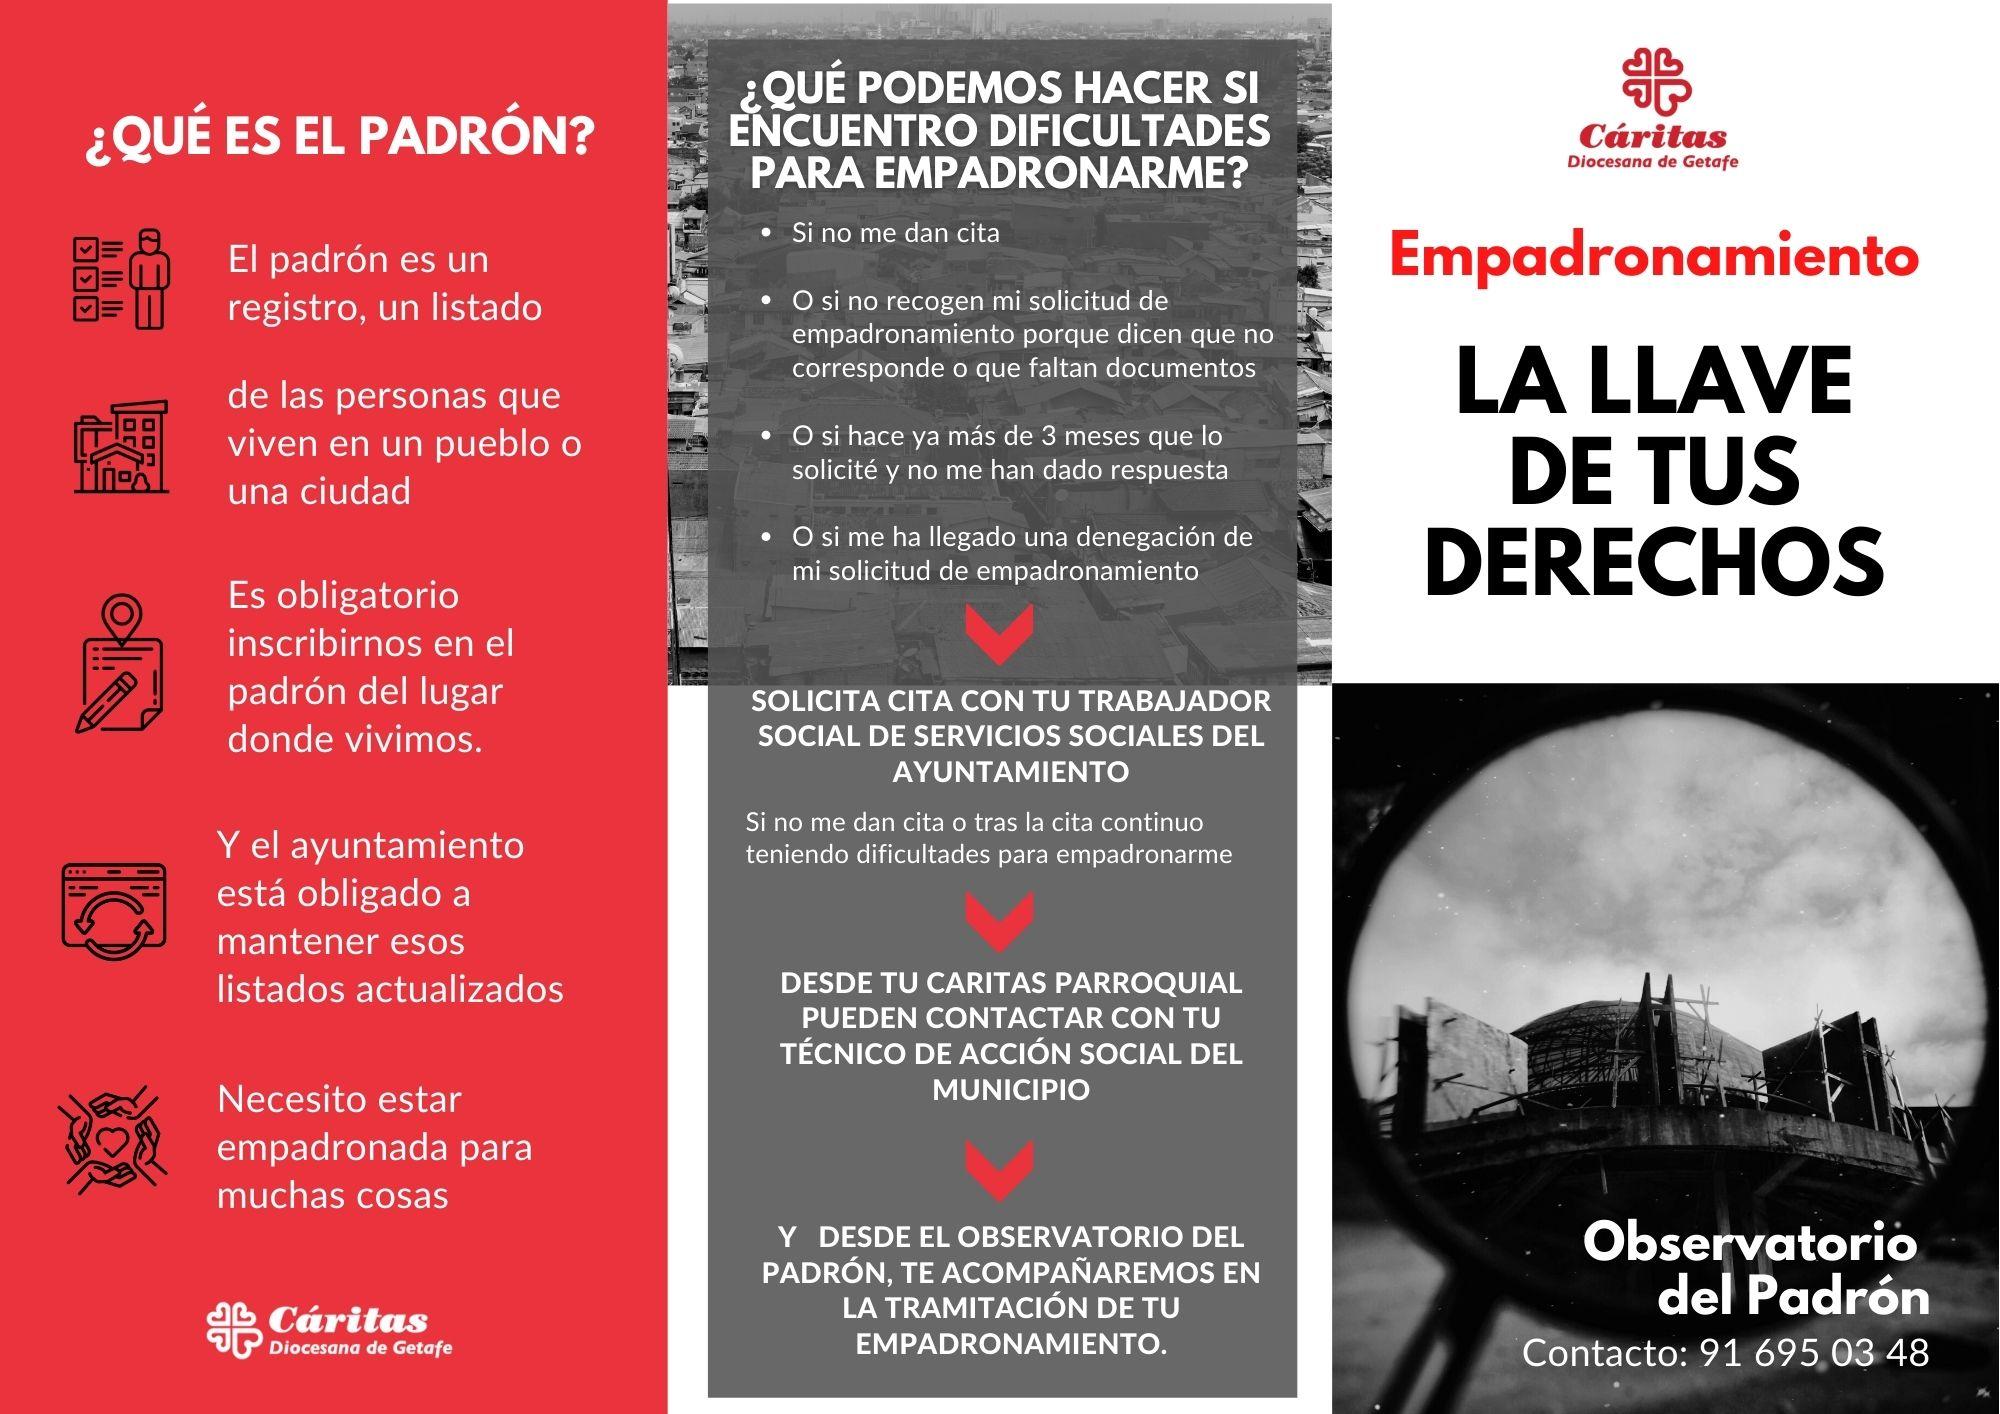 empadronamiento_la_llave_de_tus_derechos_caritas_madrid_sur